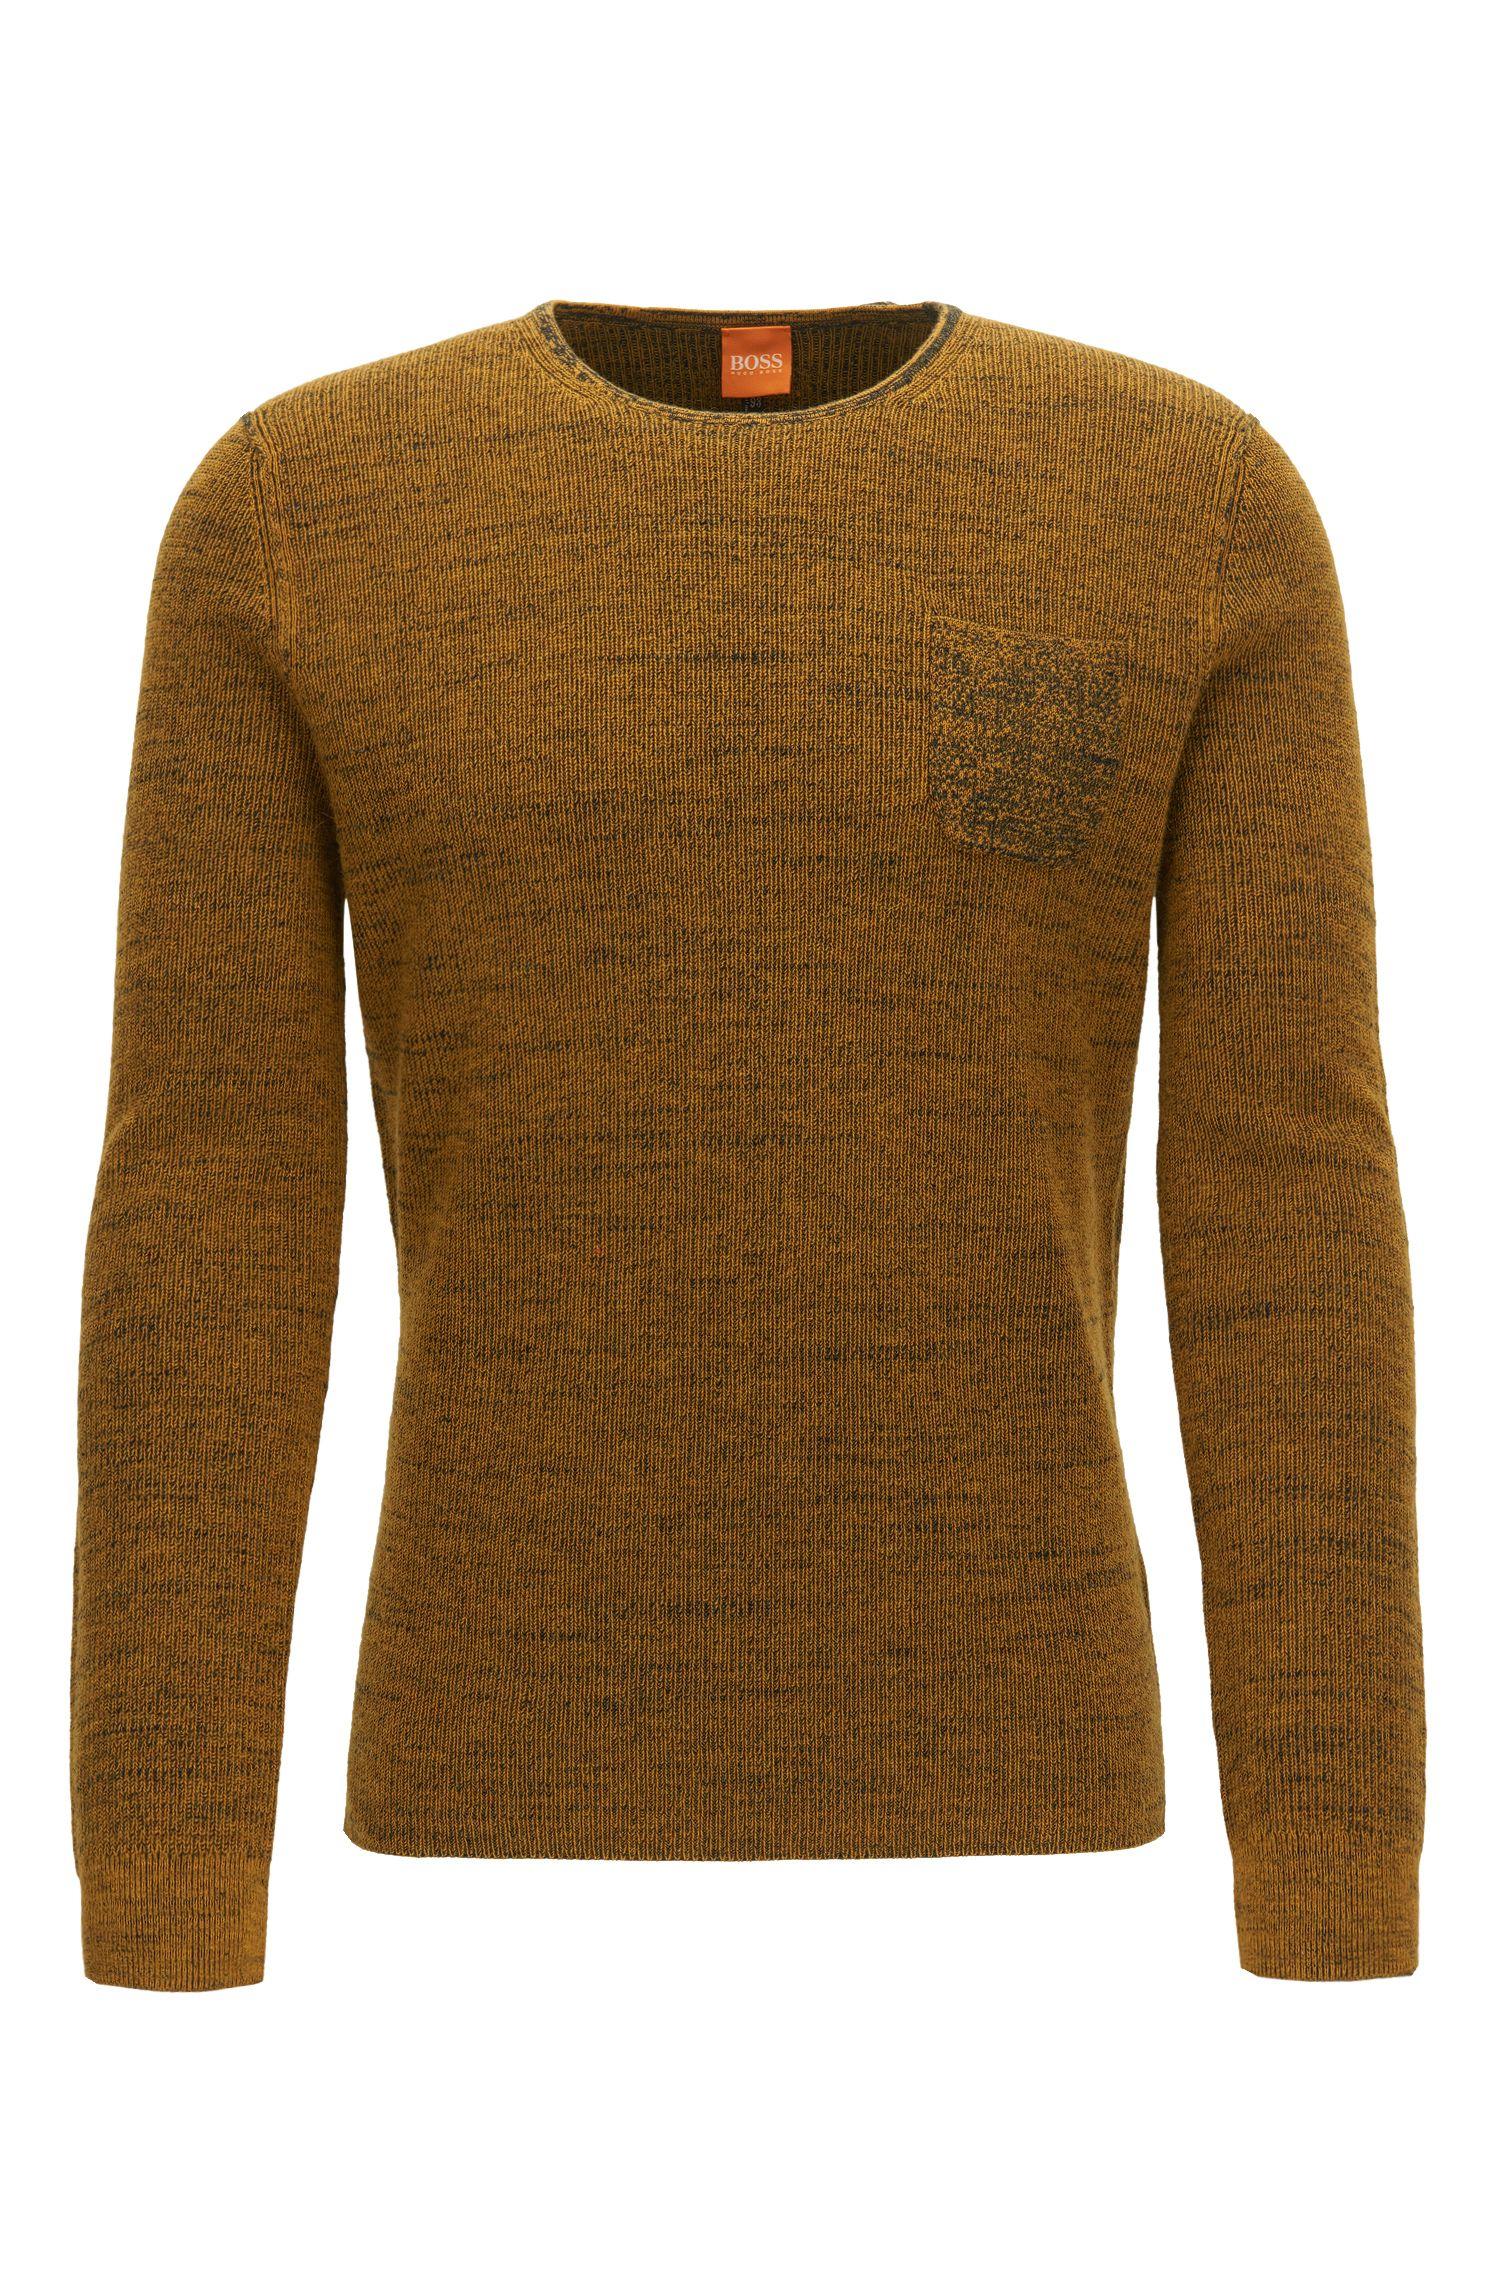 Cotton Blend Sweater   Kutask